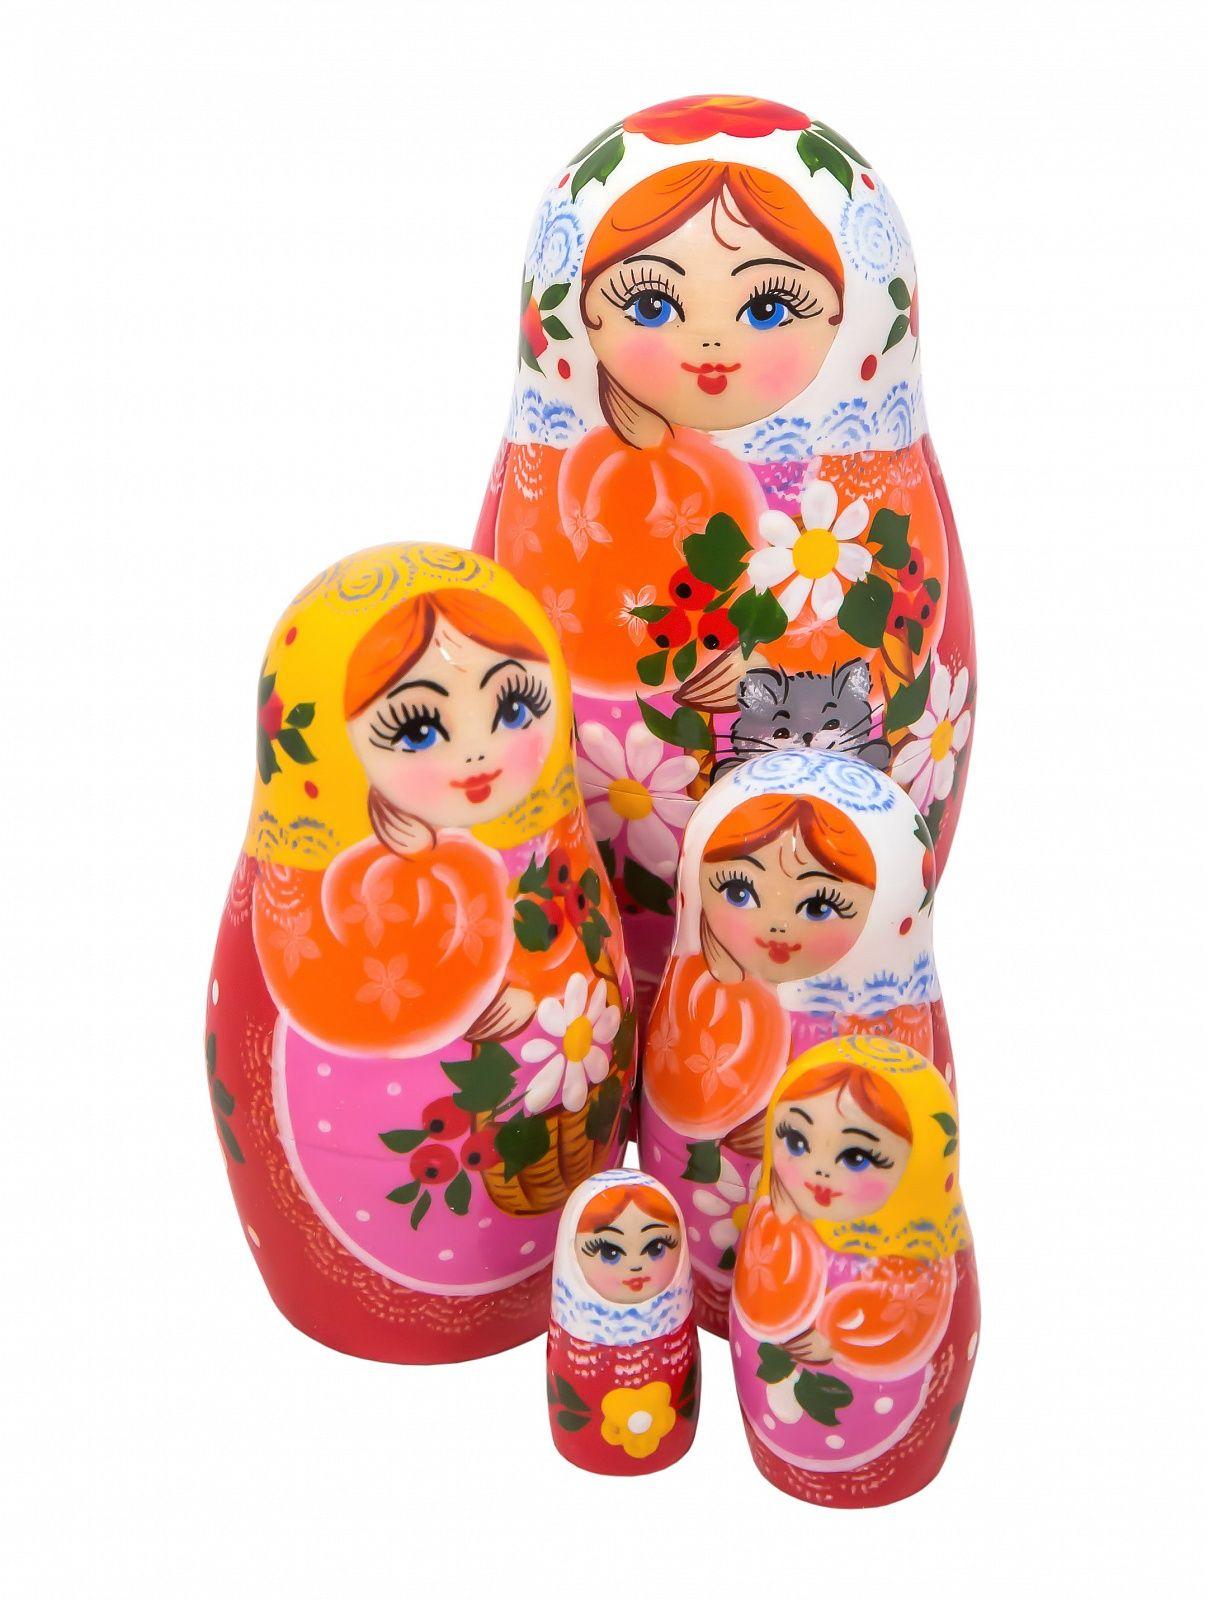 Khokhloma painting / Author's Matryoshka 5 dolls